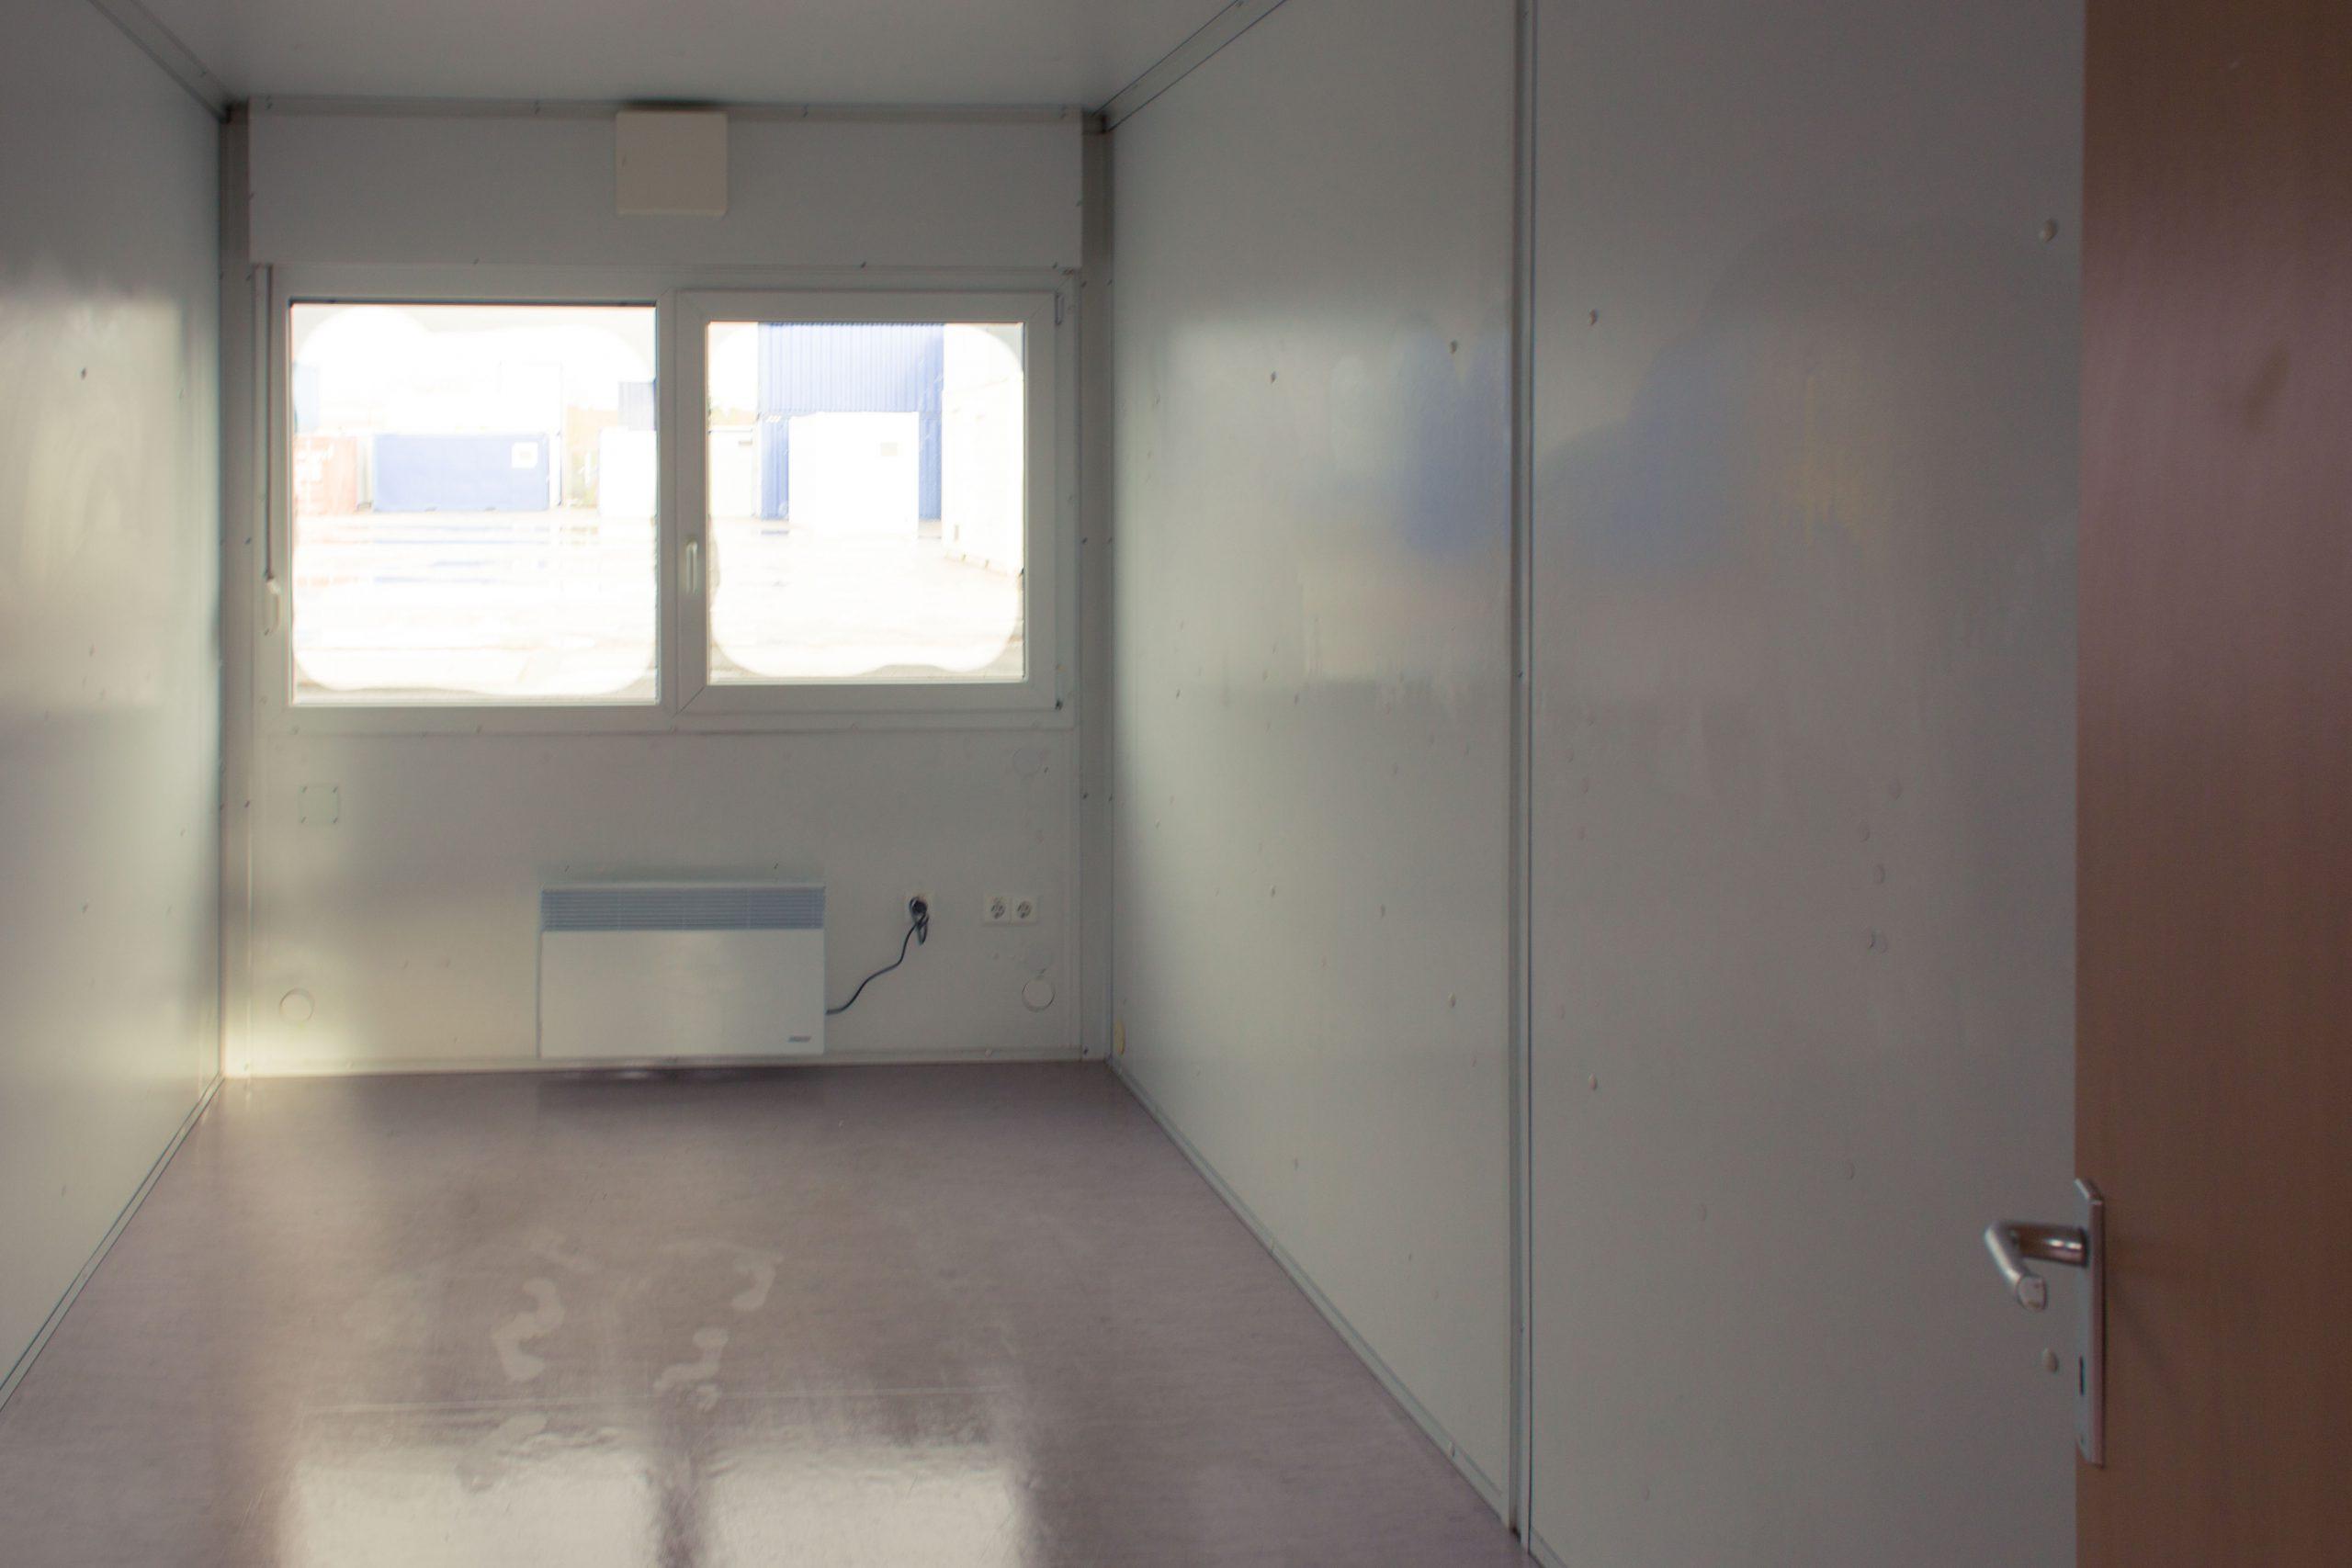 20 Fuß Container,Bürocontainer gebraucht, gebrauchte Bürocontainer